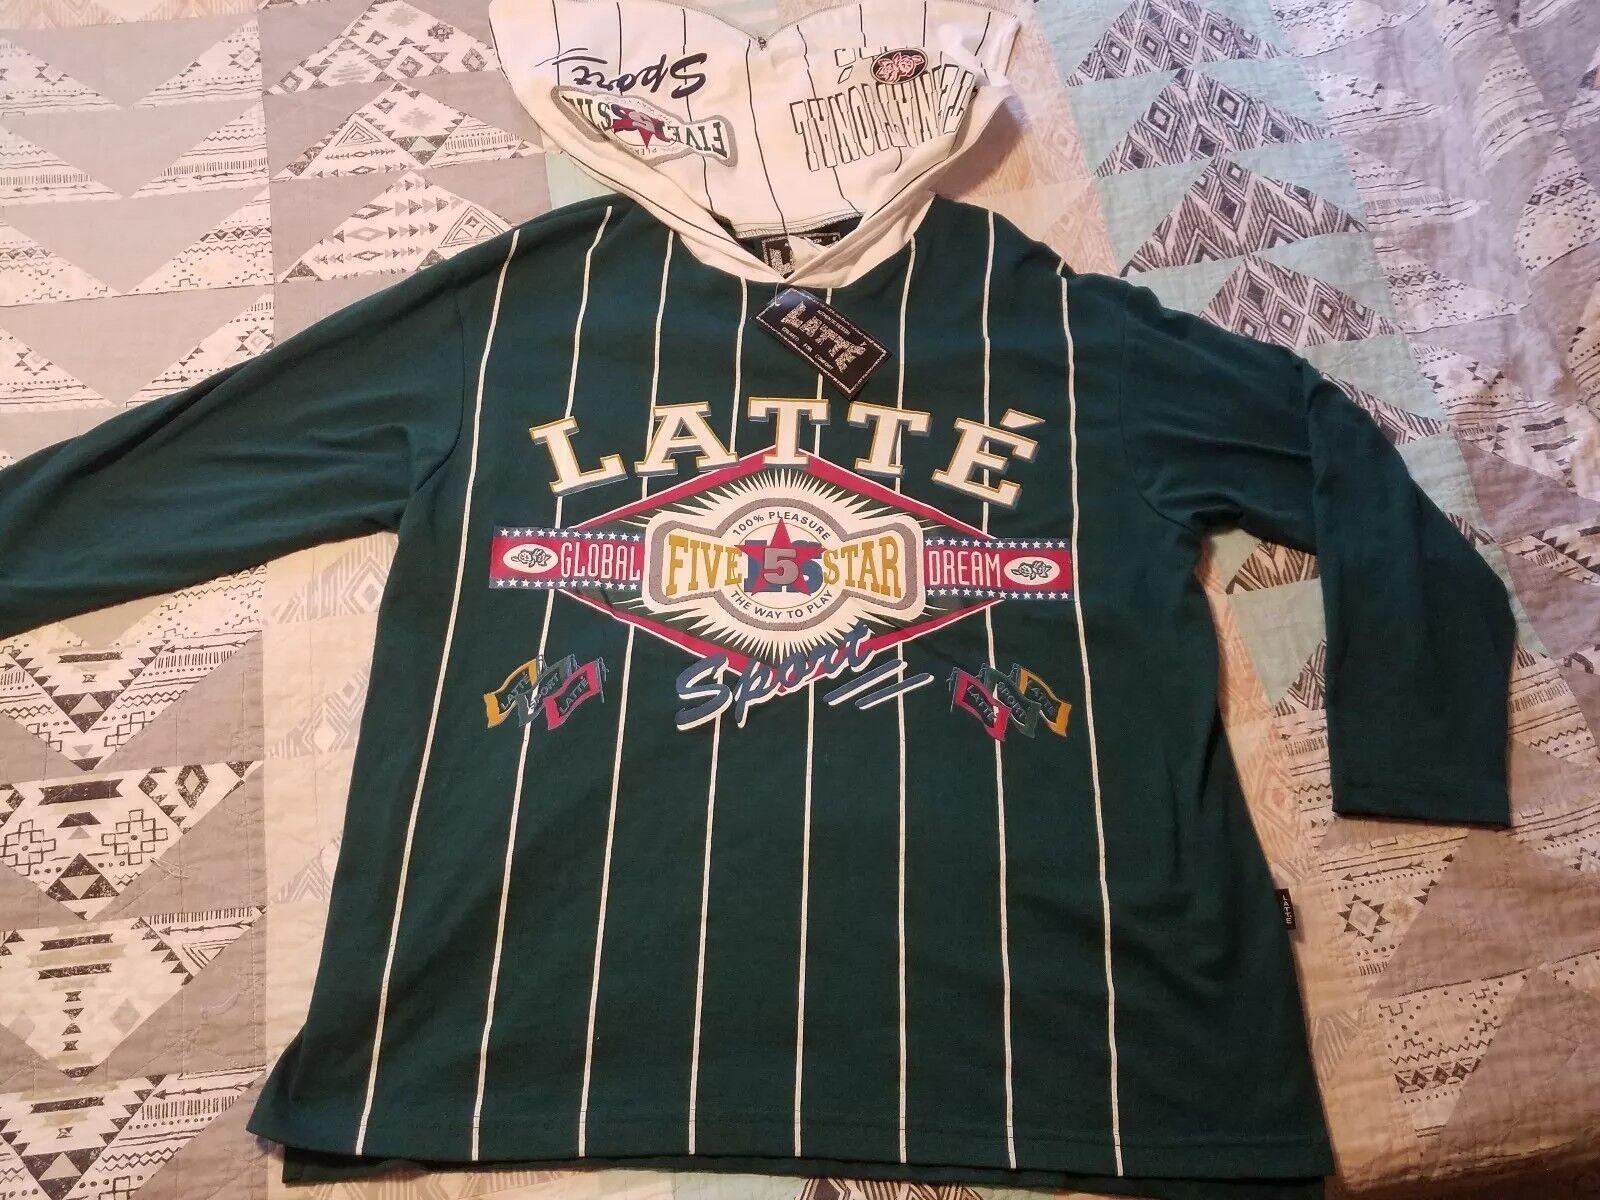 RARE Vintage 90s L W/ Hooded Shirt Latte Sport T-shirt W/ L TAGS!!!!! 5 STAR STREET 9dbdb5